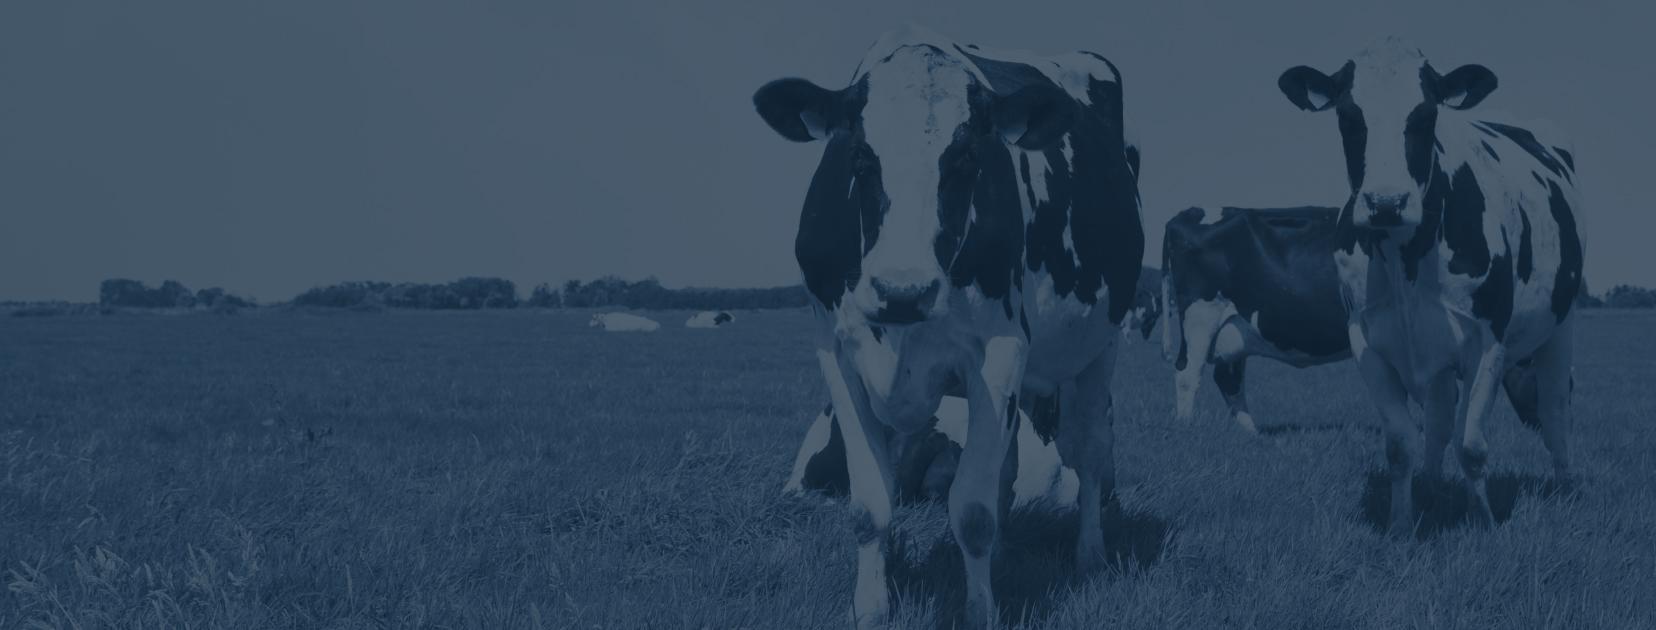 Delflandsevleesmeesters ★ 100% Duurzaam, natuurlijk vlees ★ Lokaal ★ Buitengewoon vlees uit Midden-Delflandse bodem ★ Bestel nu je favoriete vlees online!